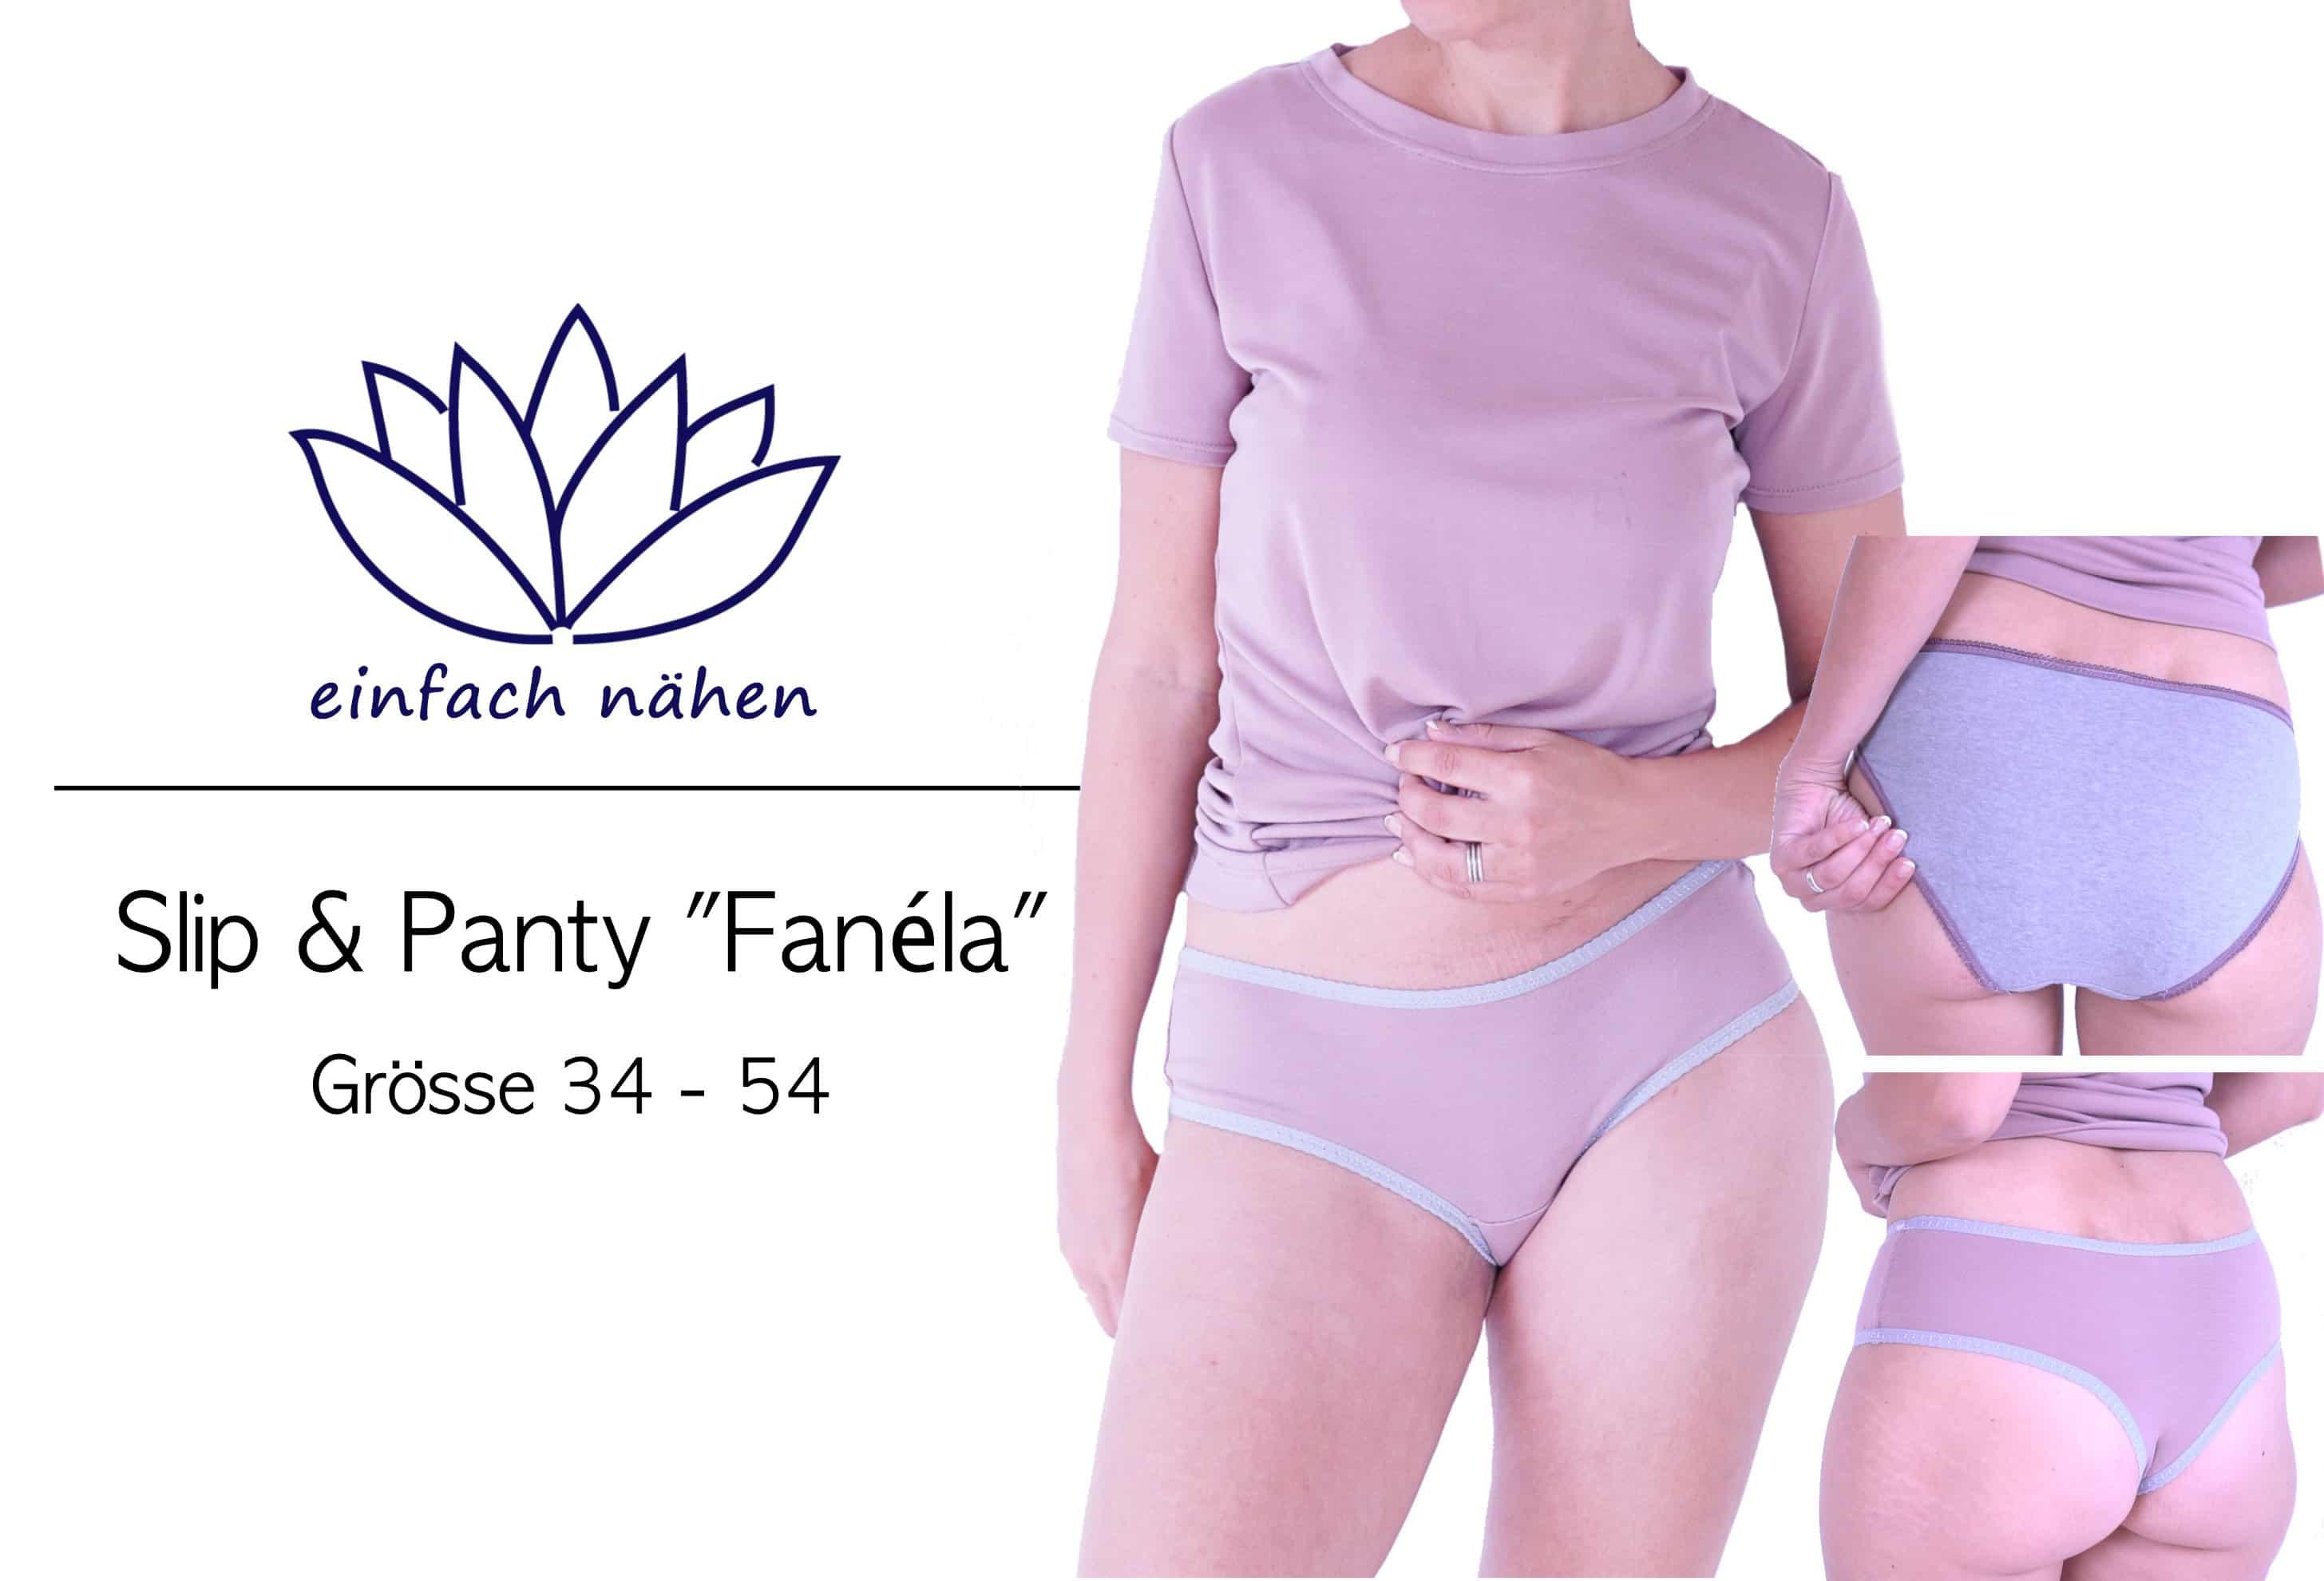 Slip und Panty Fanéla | einfach nähen lernen